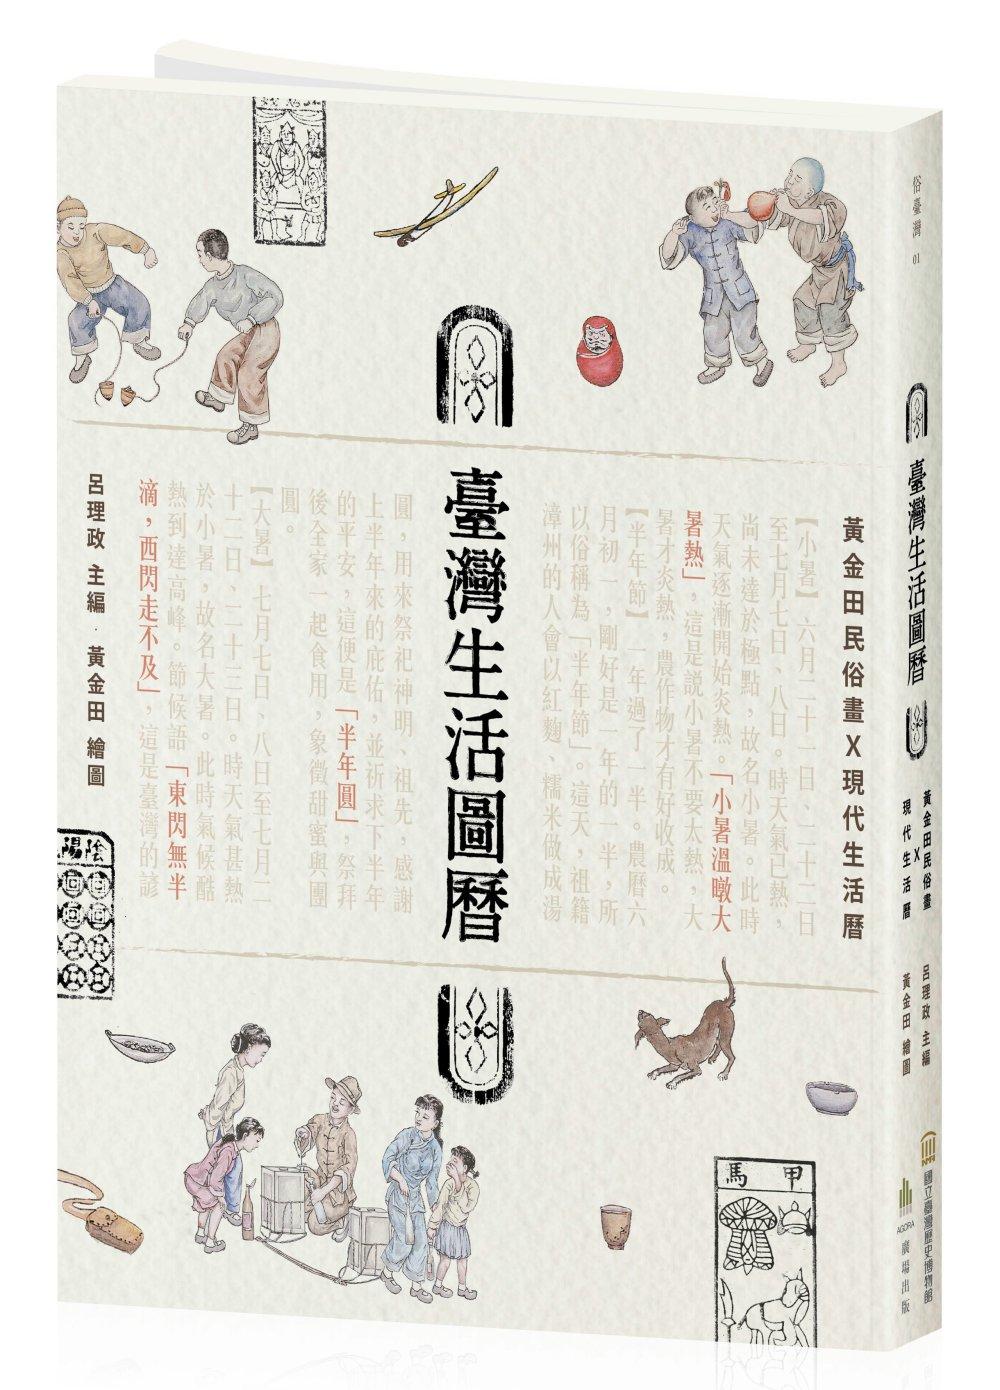 臺灣生活圖曆:黃金田民俗畫Ⅹ現代生活曆